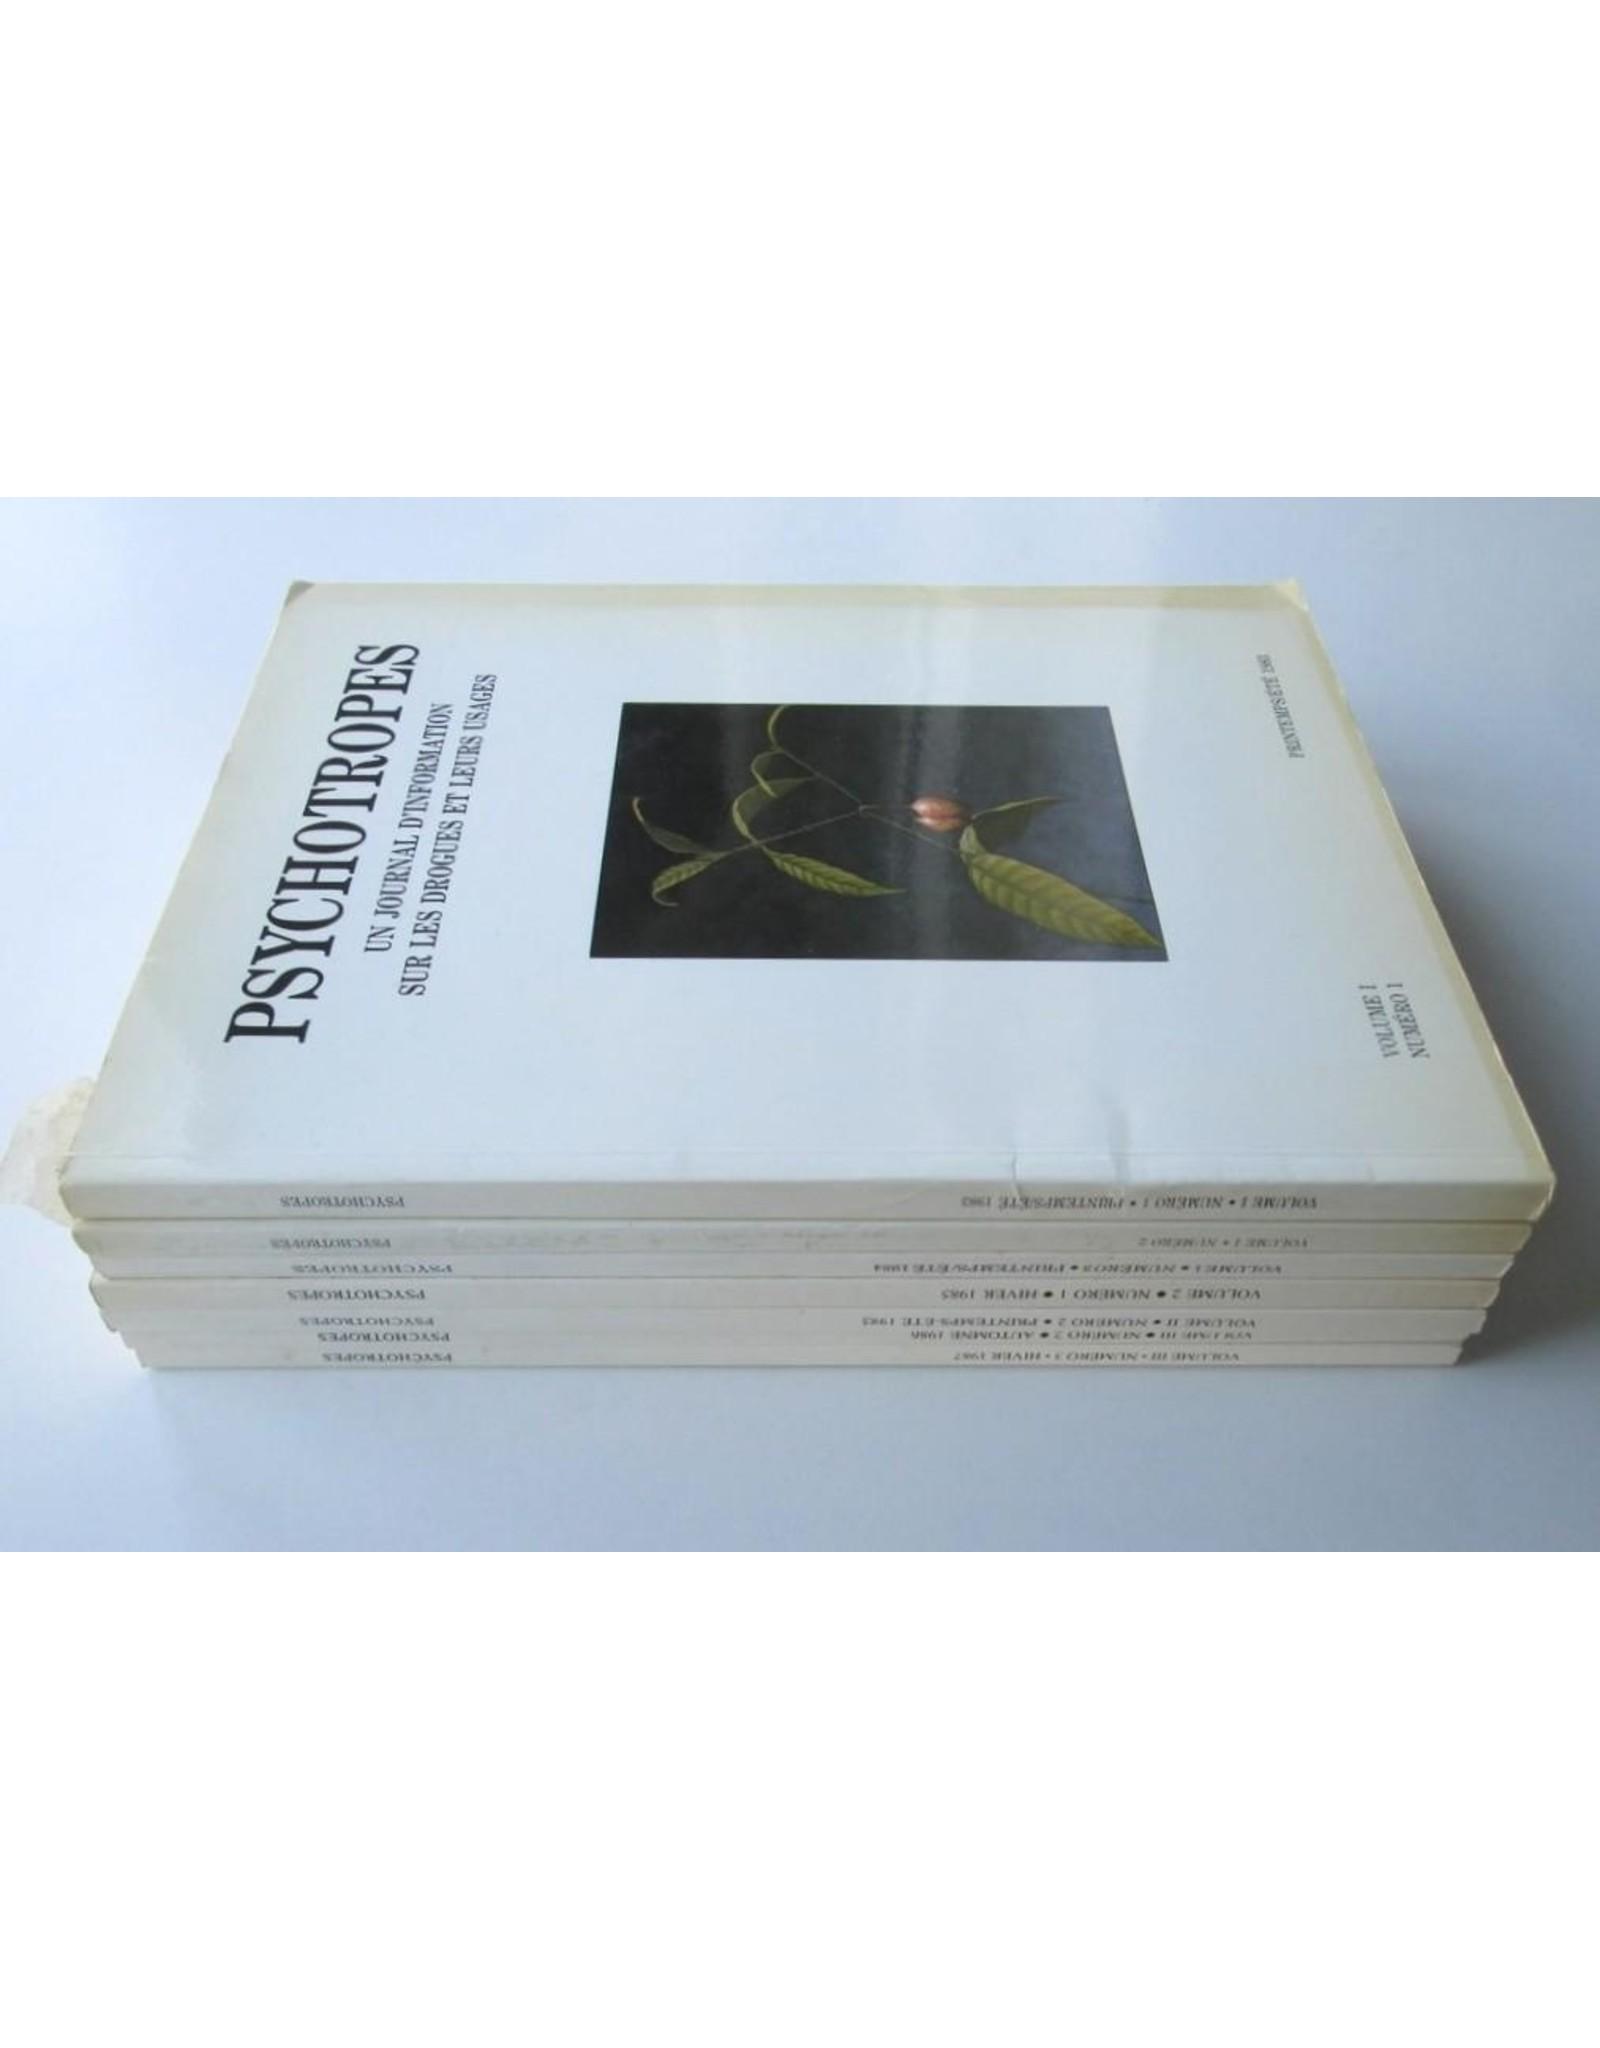 Ronald Verbeke - Psychotropes [Complete eerste jaargang] Numéro 1 t/m 3.